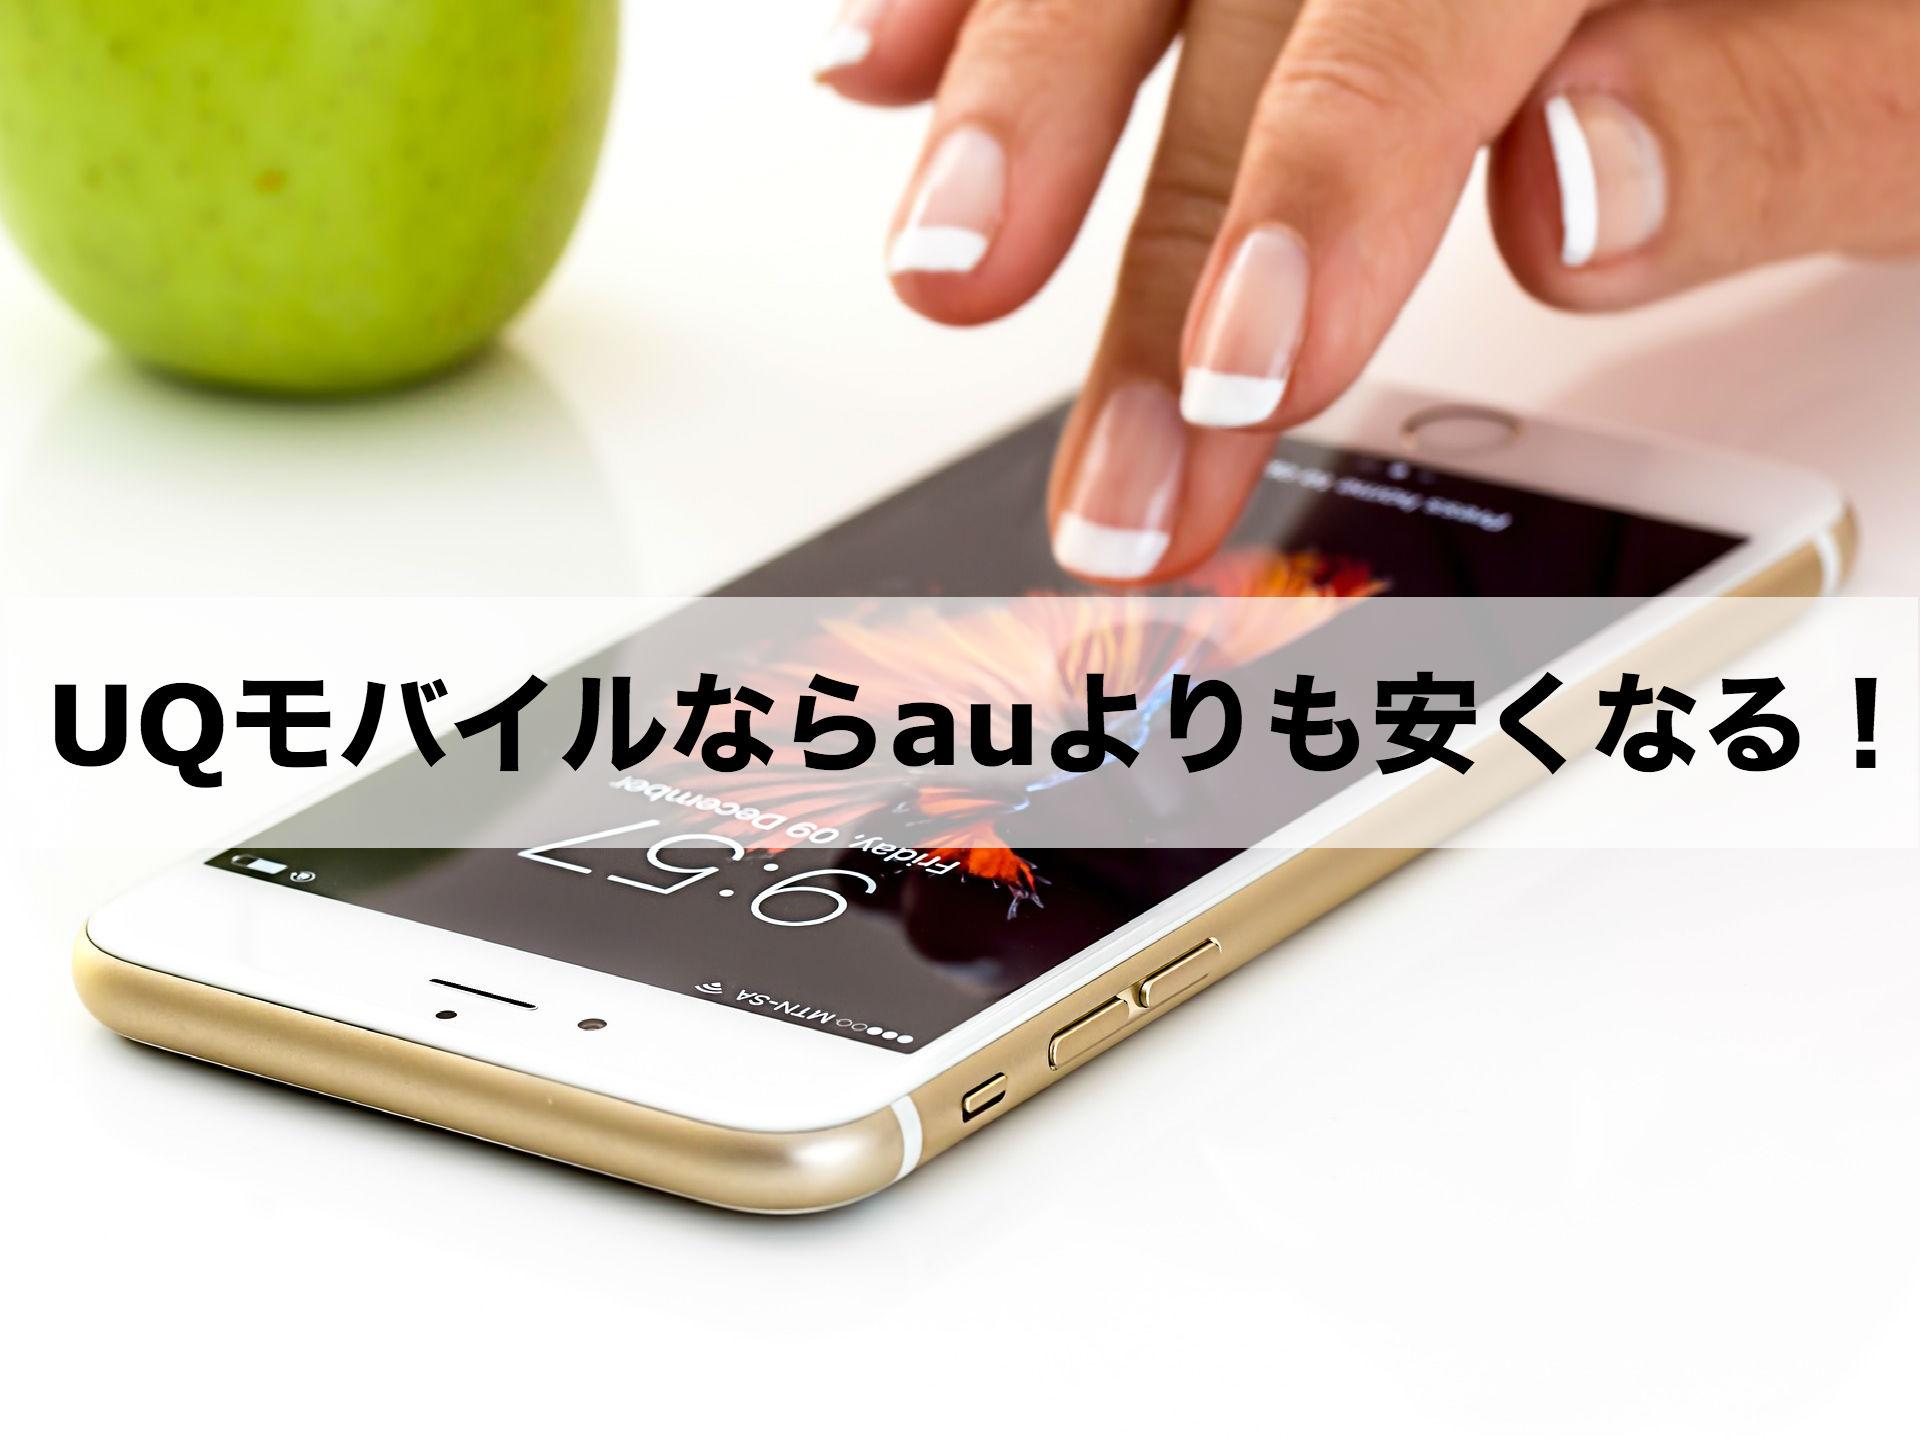 UQ(ユーキュー)モバイルはauよりも安くなる!SIMロック解除も必要ないから乗り換えがラク。